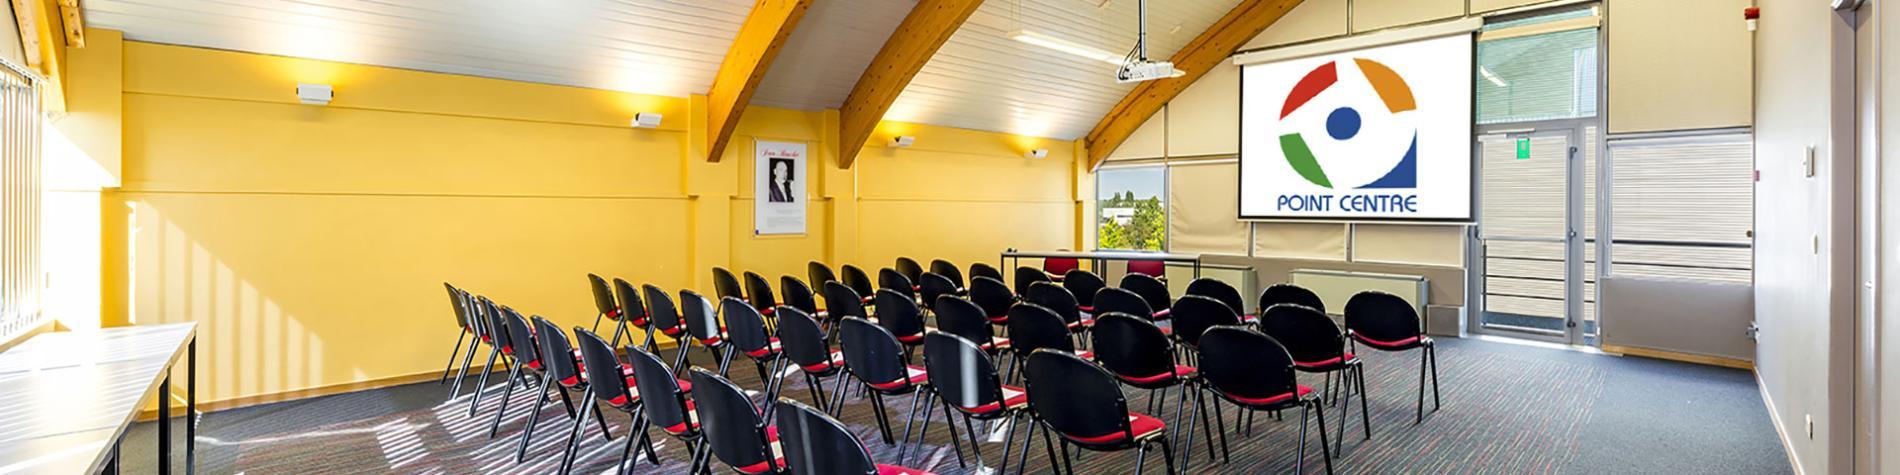 salle de conférence avec 32 places assises avec lumière du jour